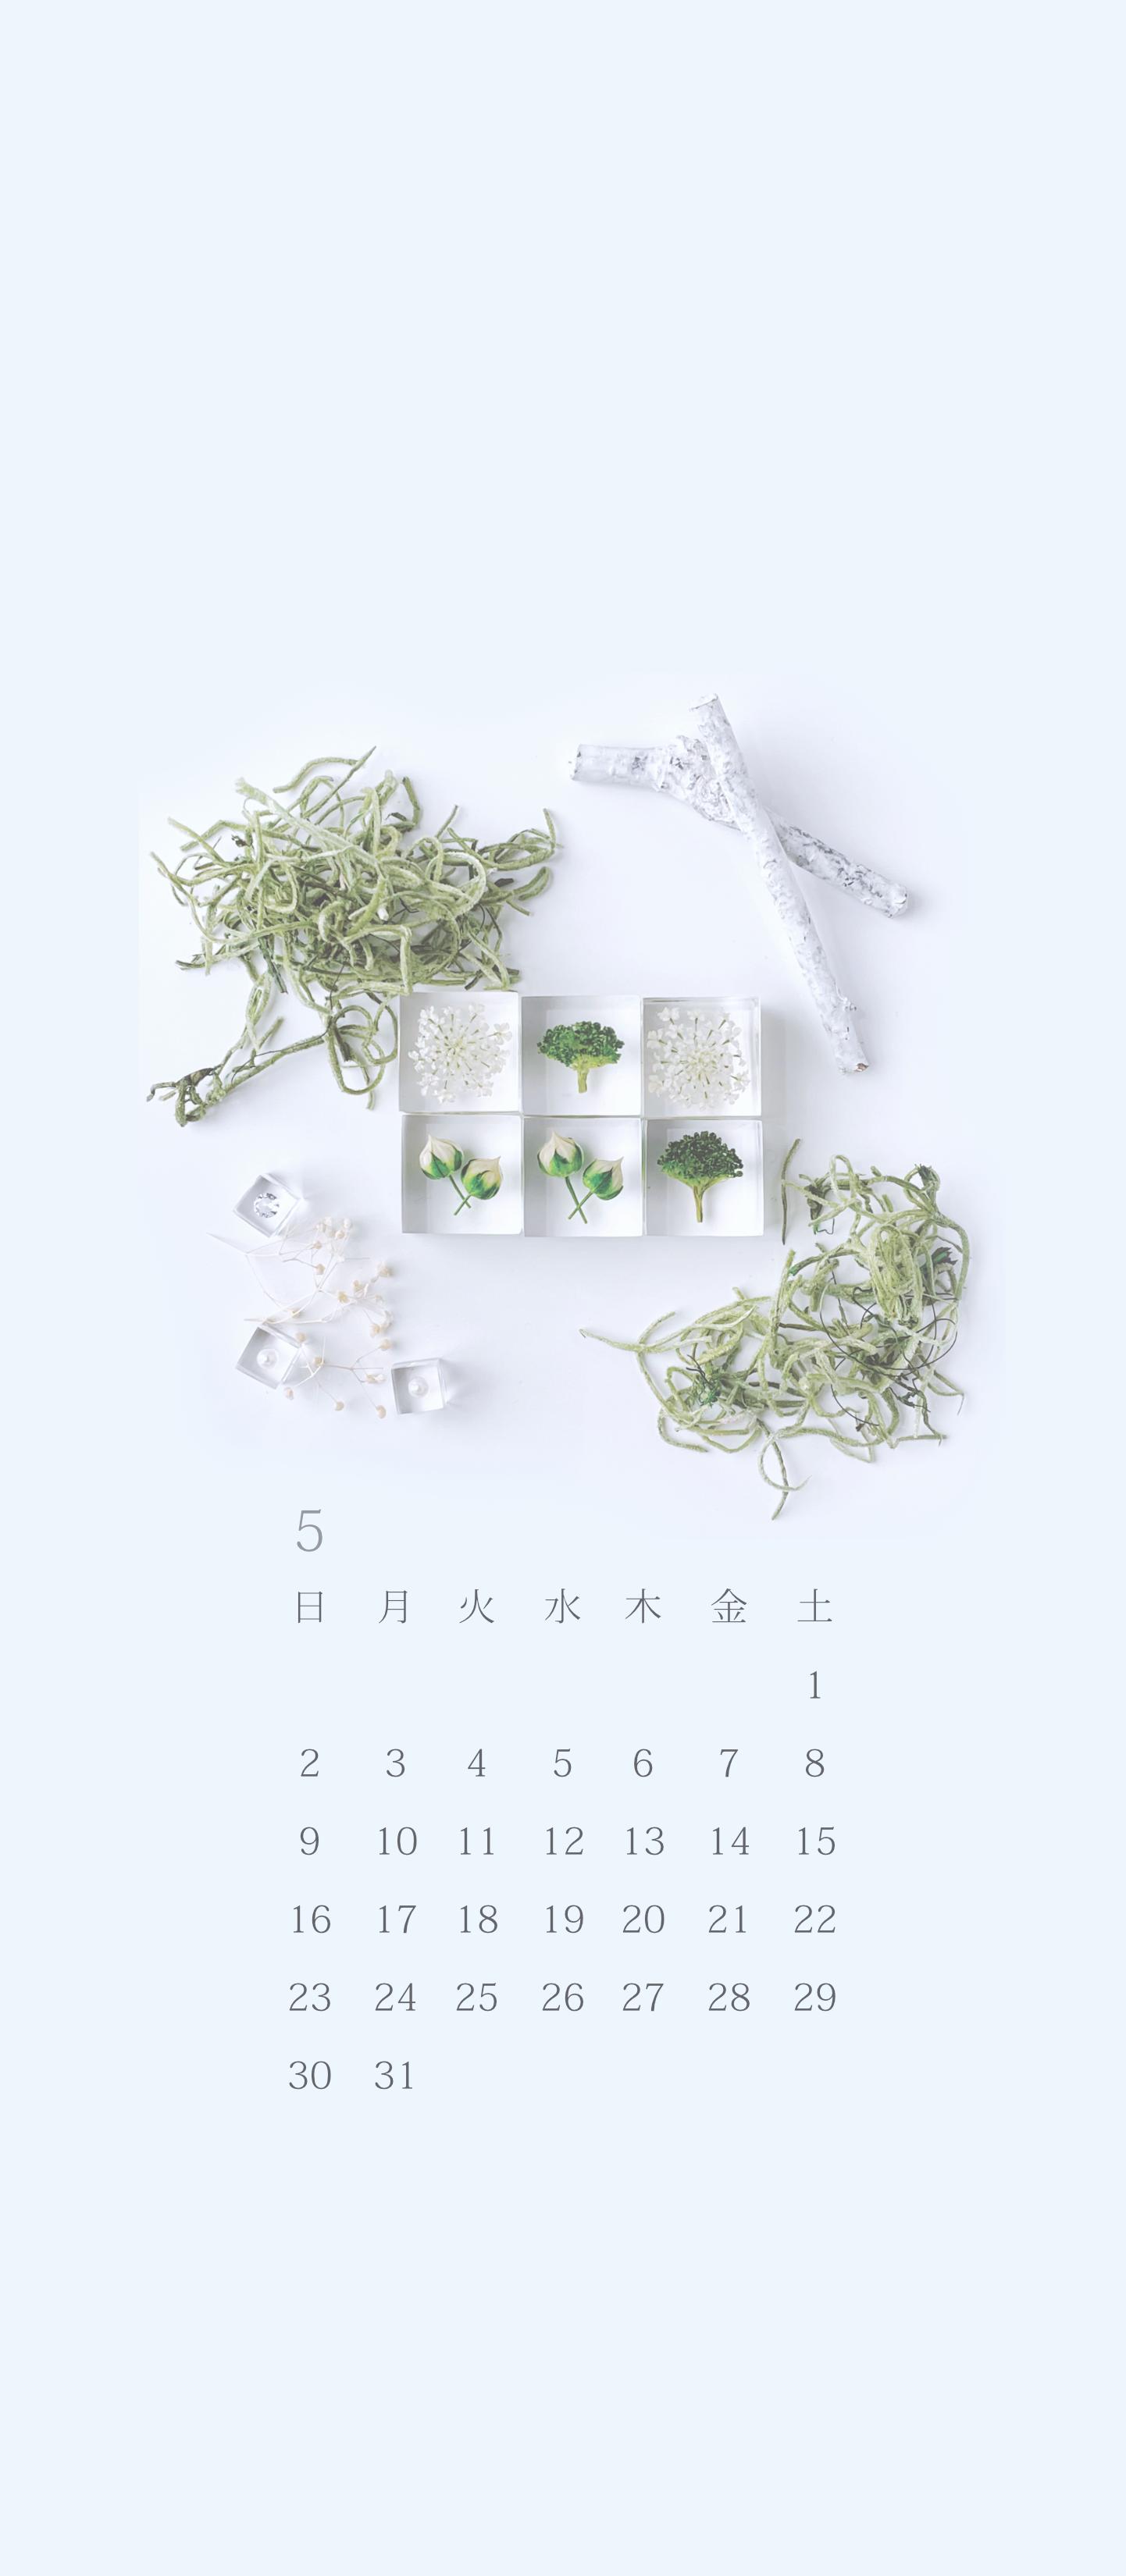 無料ロック画面カレンダー 「5月 新緑のワンプレート」